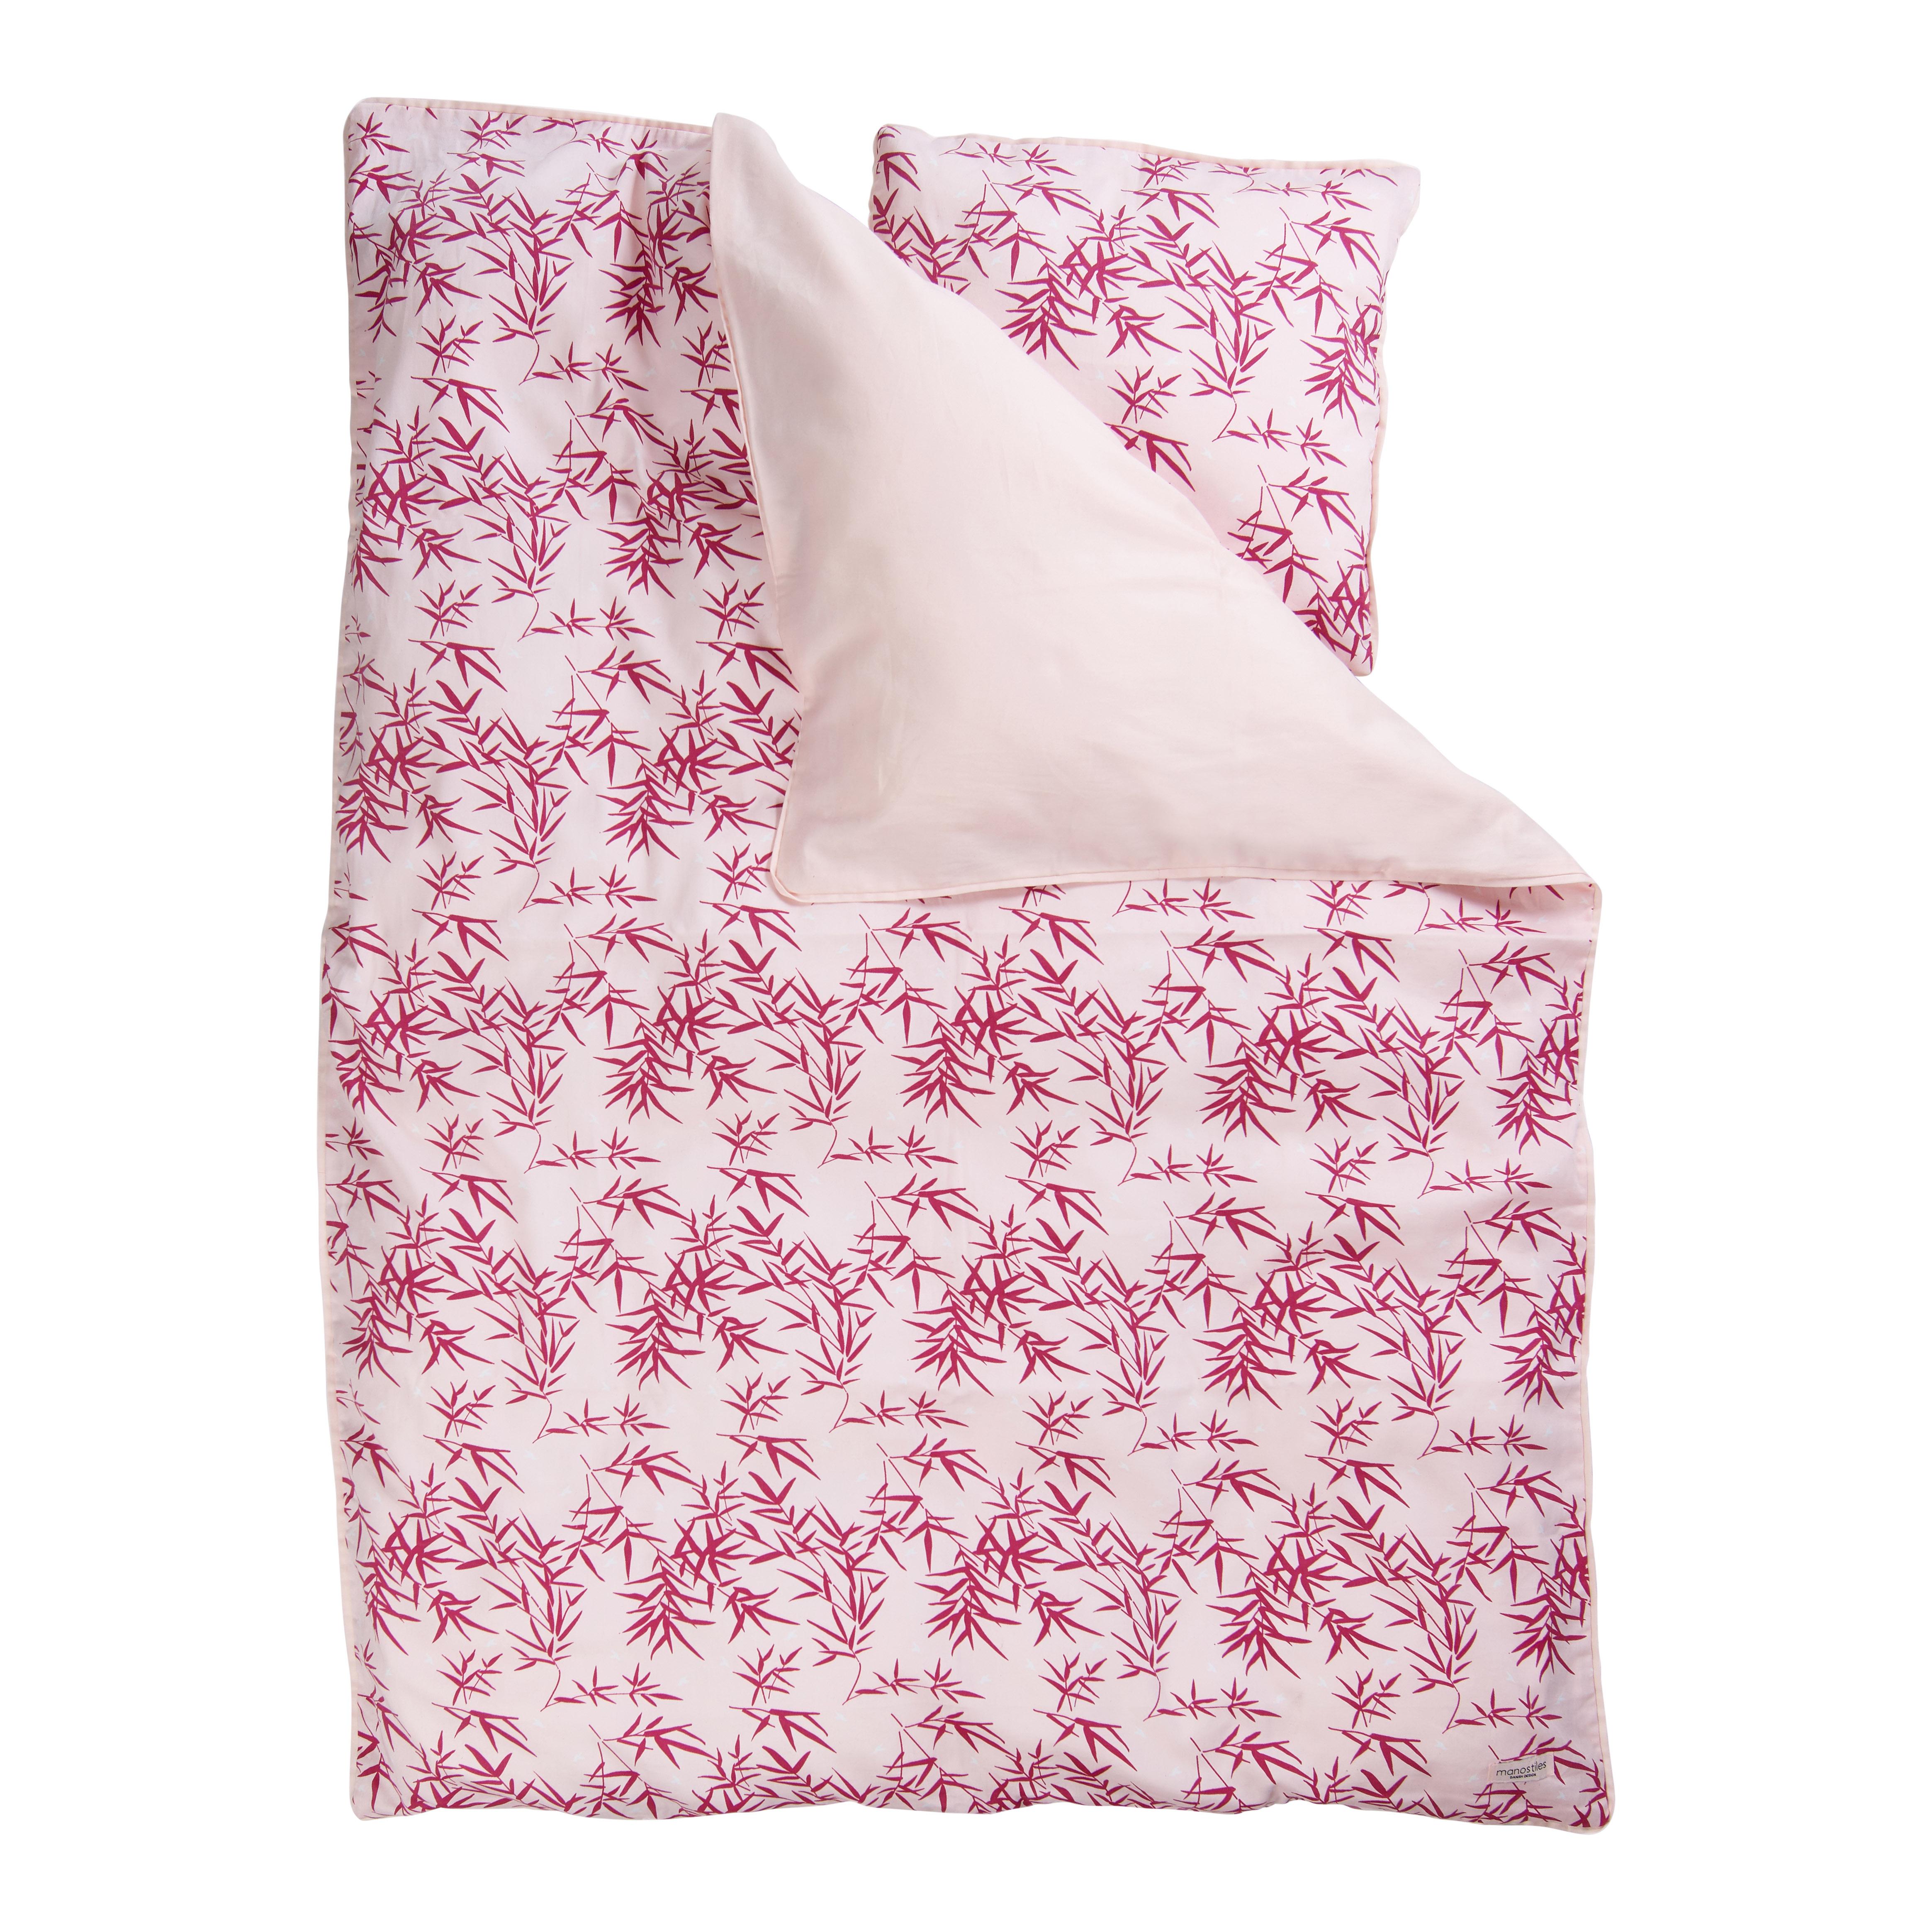 Babysengetøj Soft Blossom Manostiles